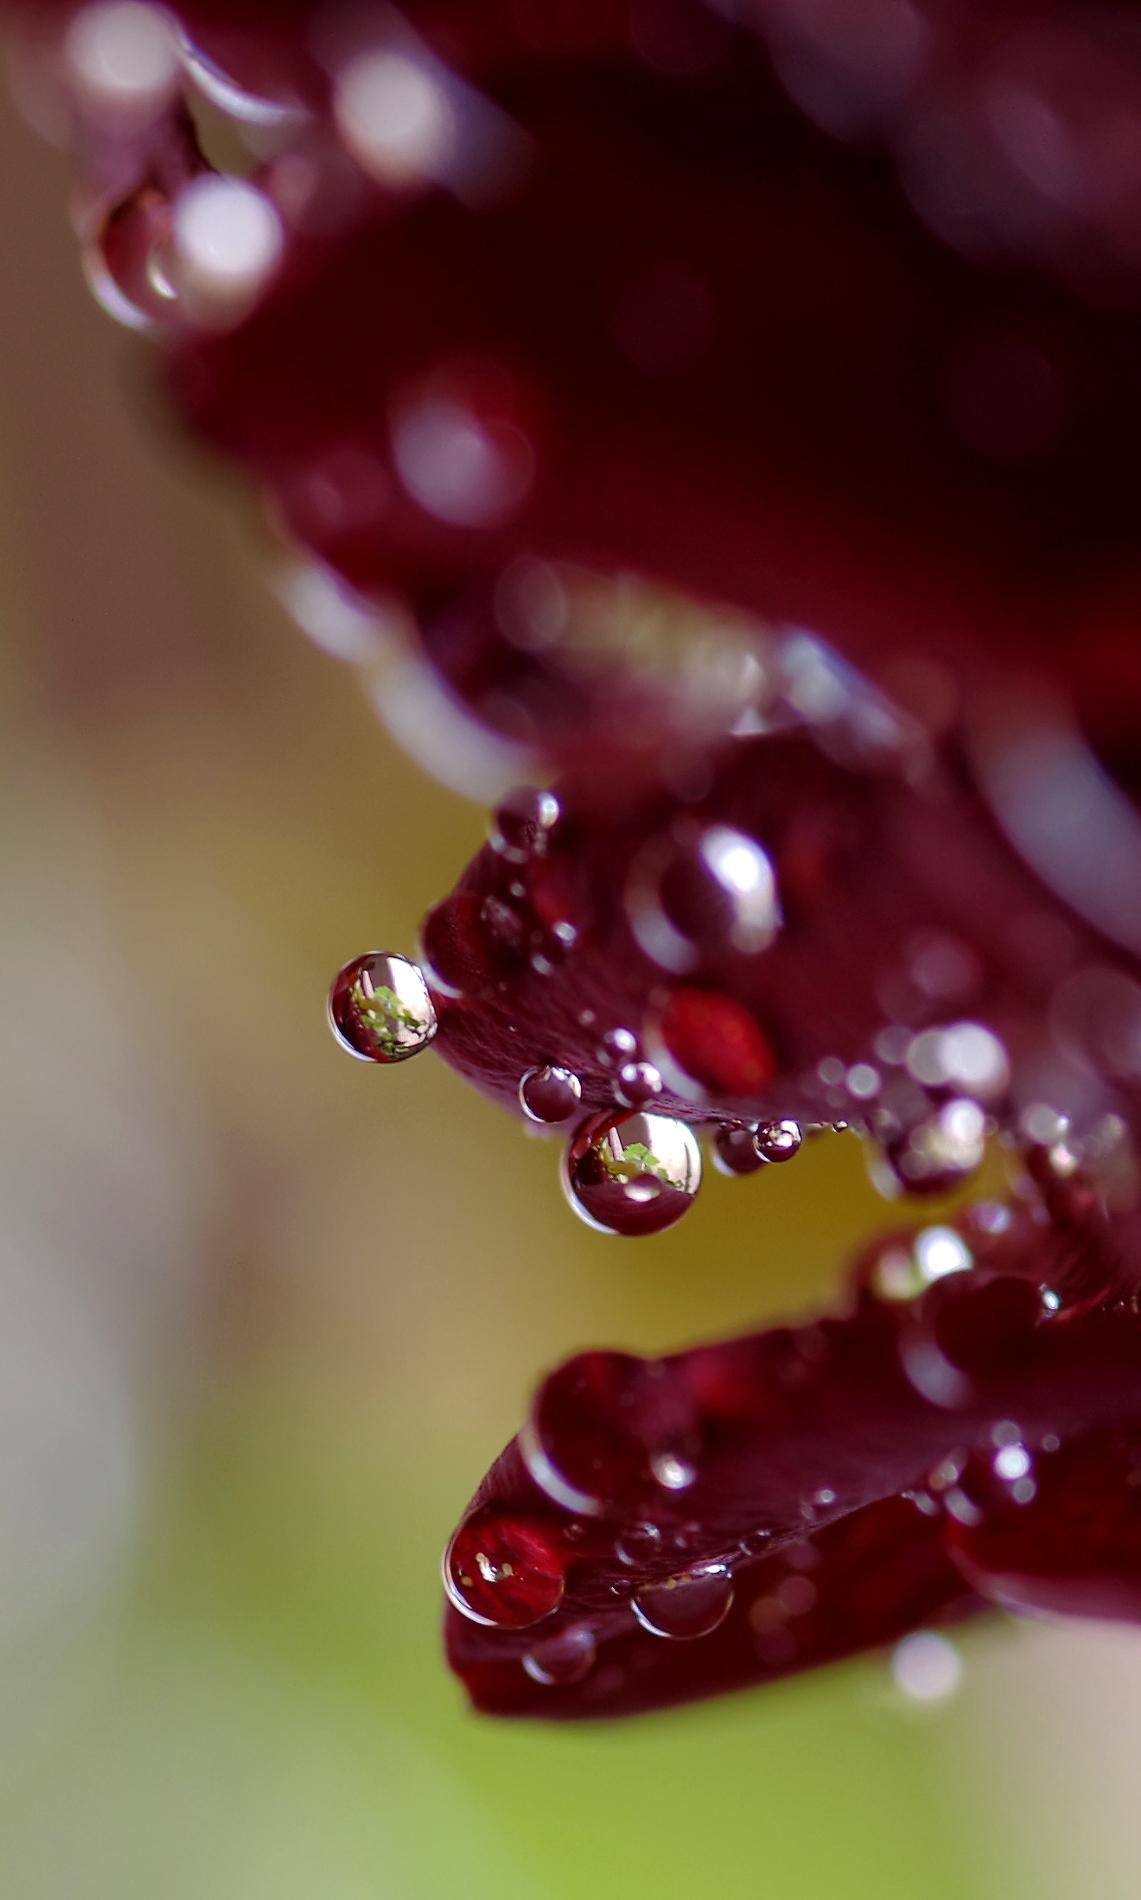 rosée sur rose, macro, goutte, fleur, nature morte, smc PENTAX D-FA MACRO 100mm f/2.8 WR